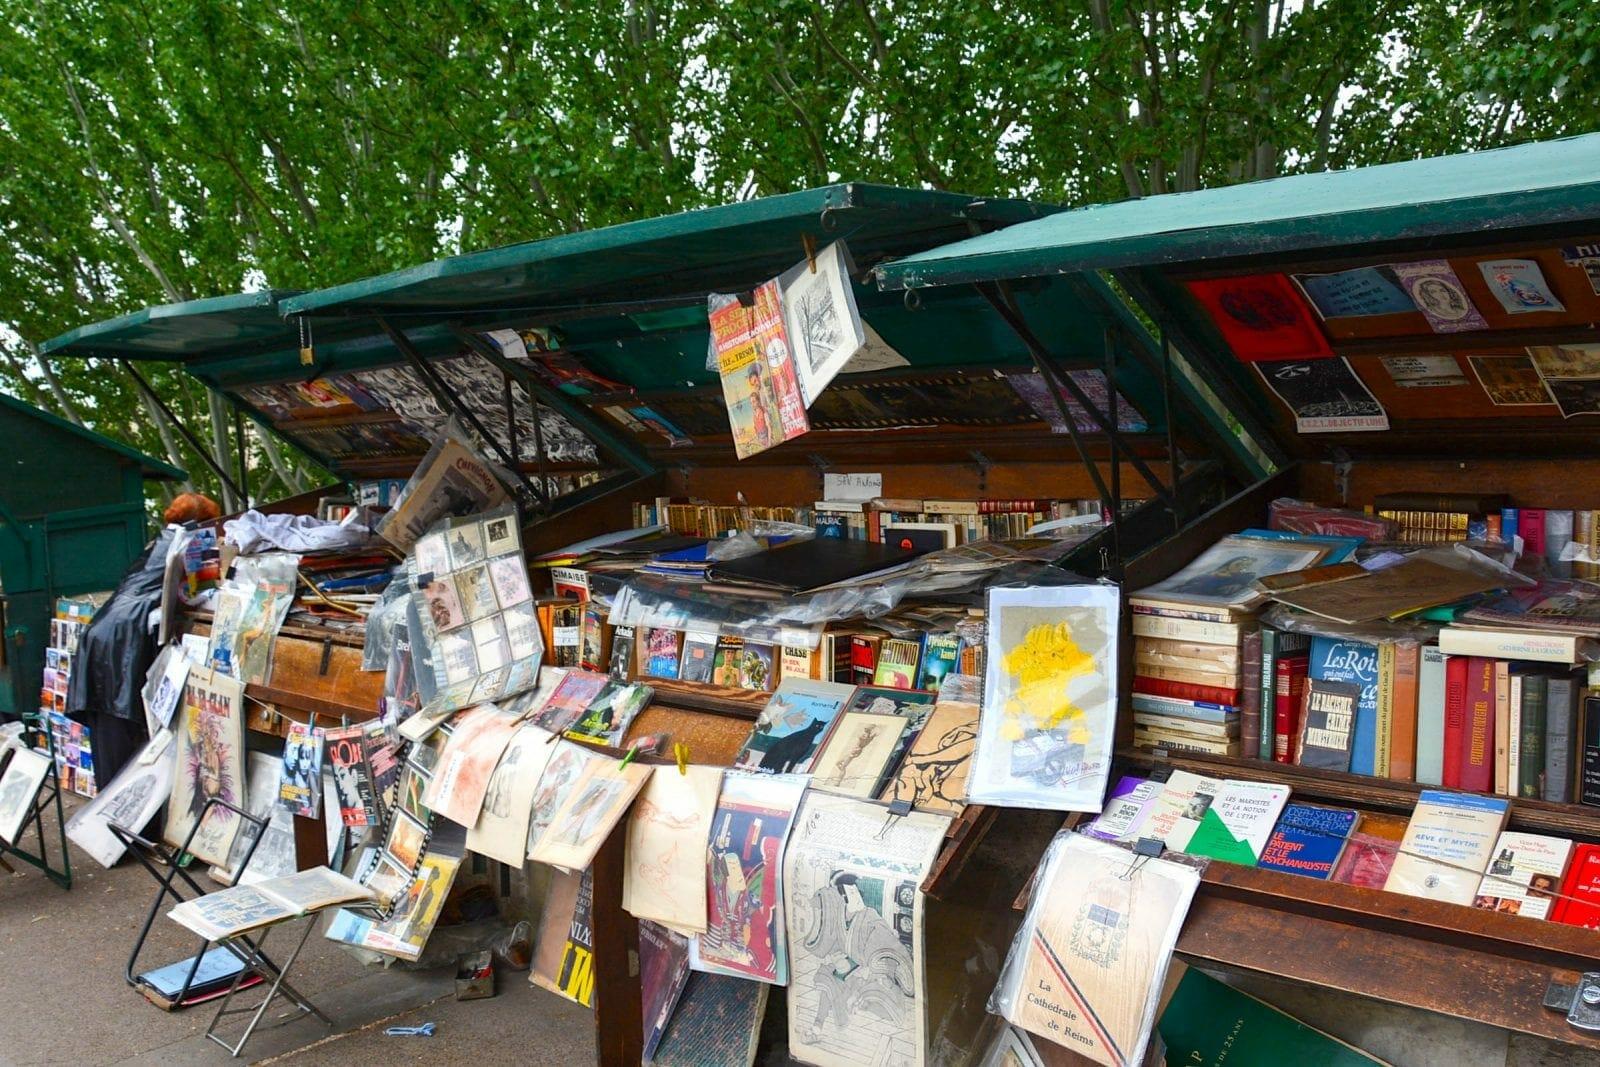 Paris market along the Seine, Paris